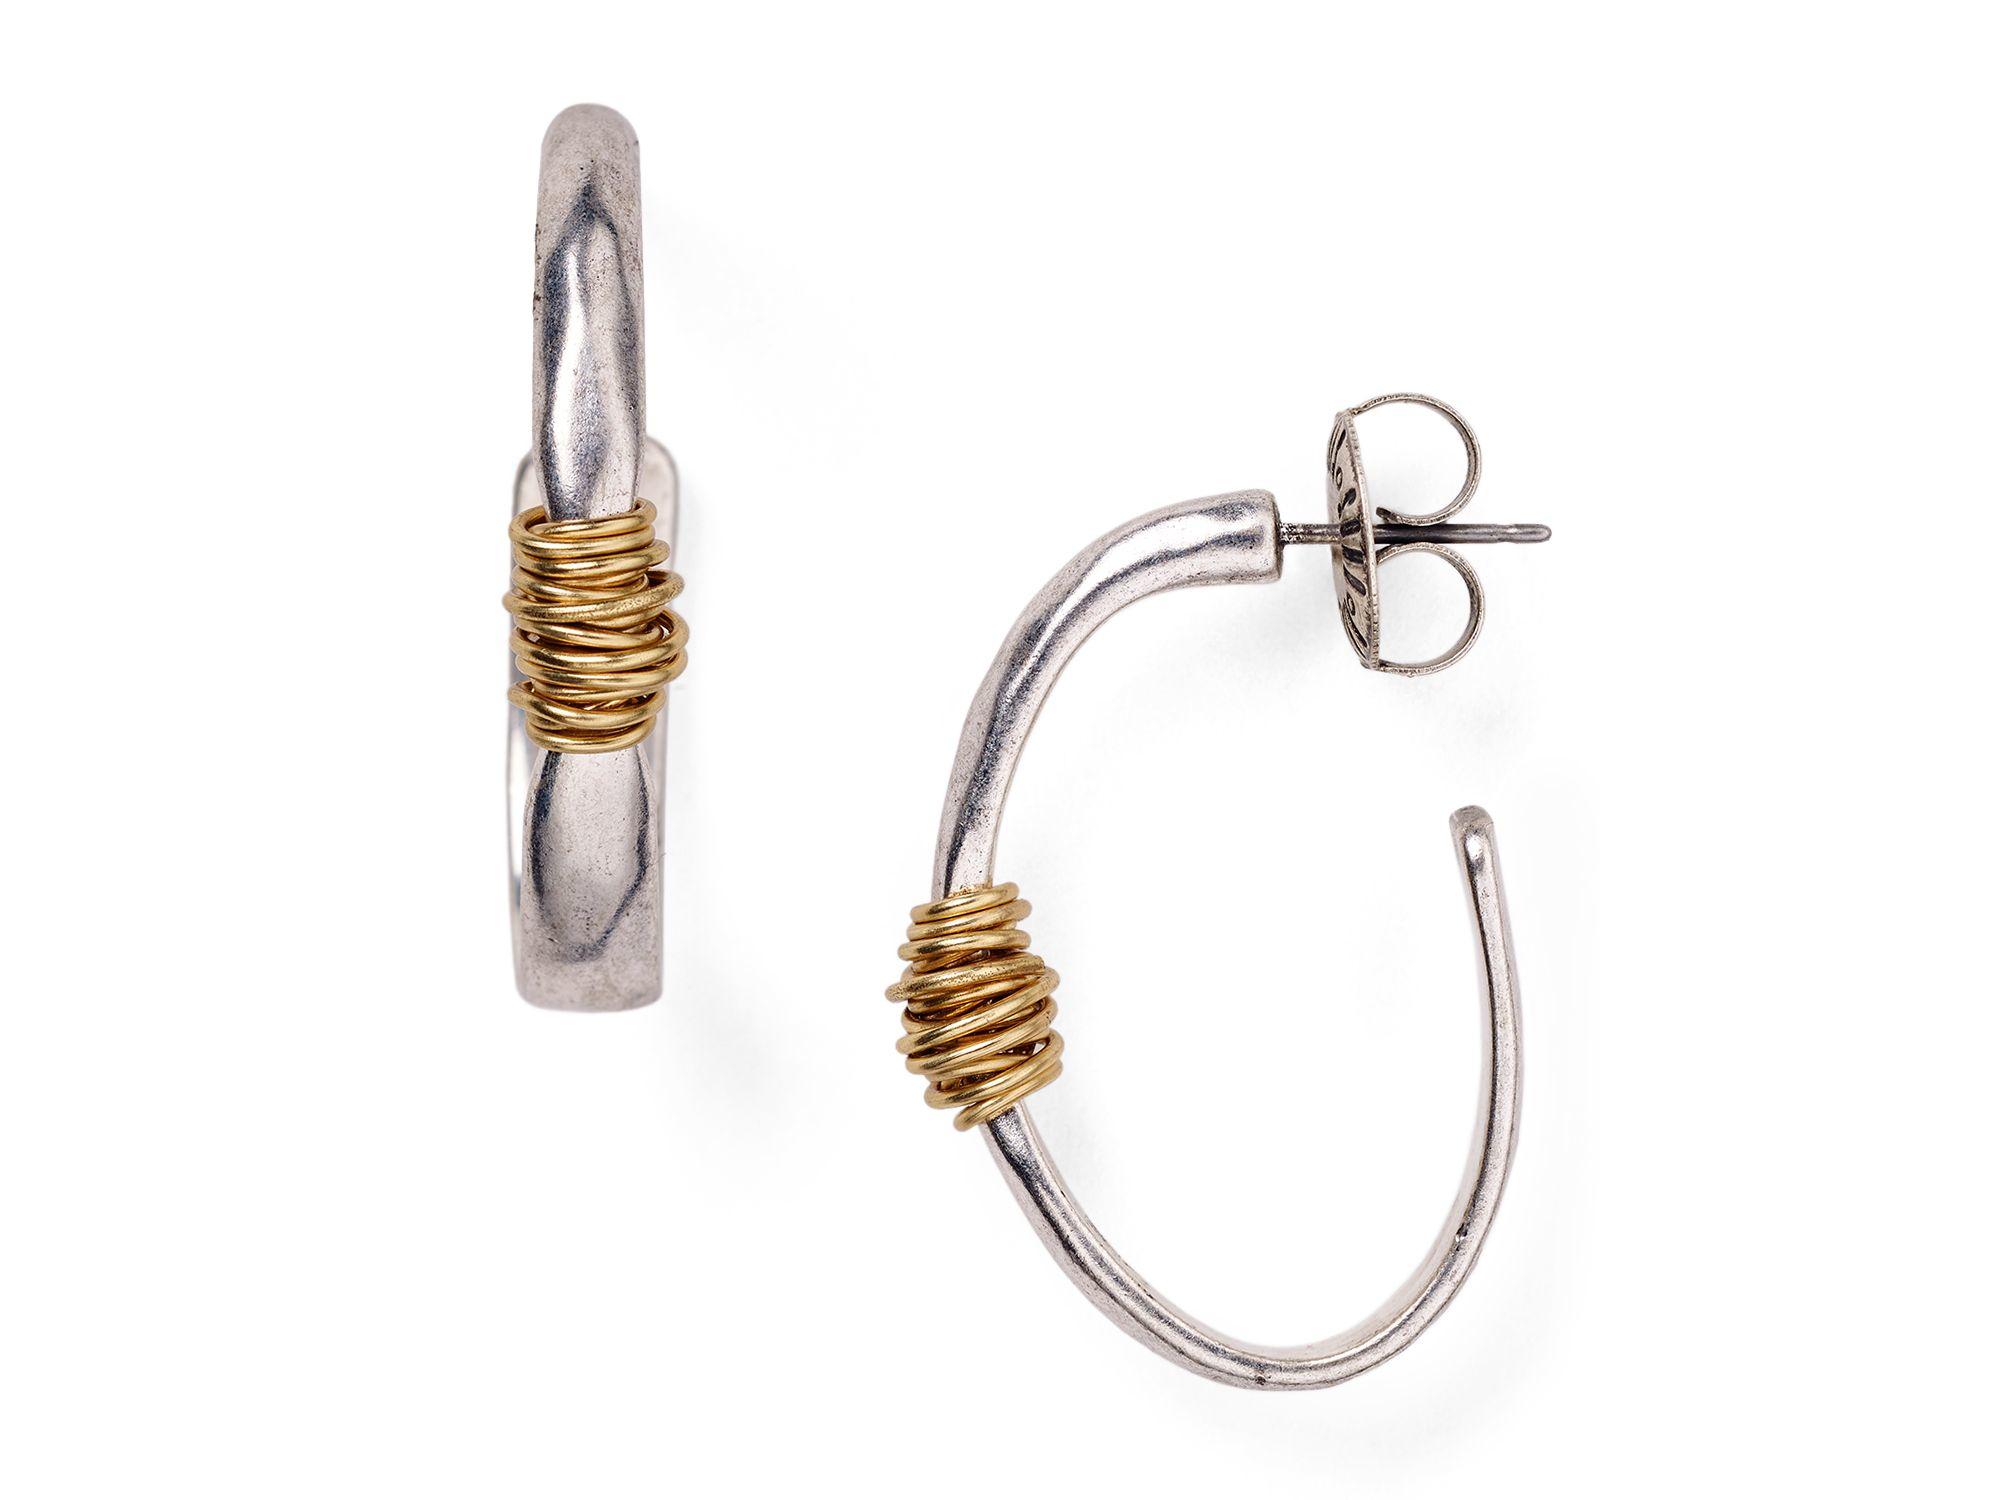 Lyst - Robert Lee Morris Two Tone Wire-wrapped Hoop Earrings in Metallic